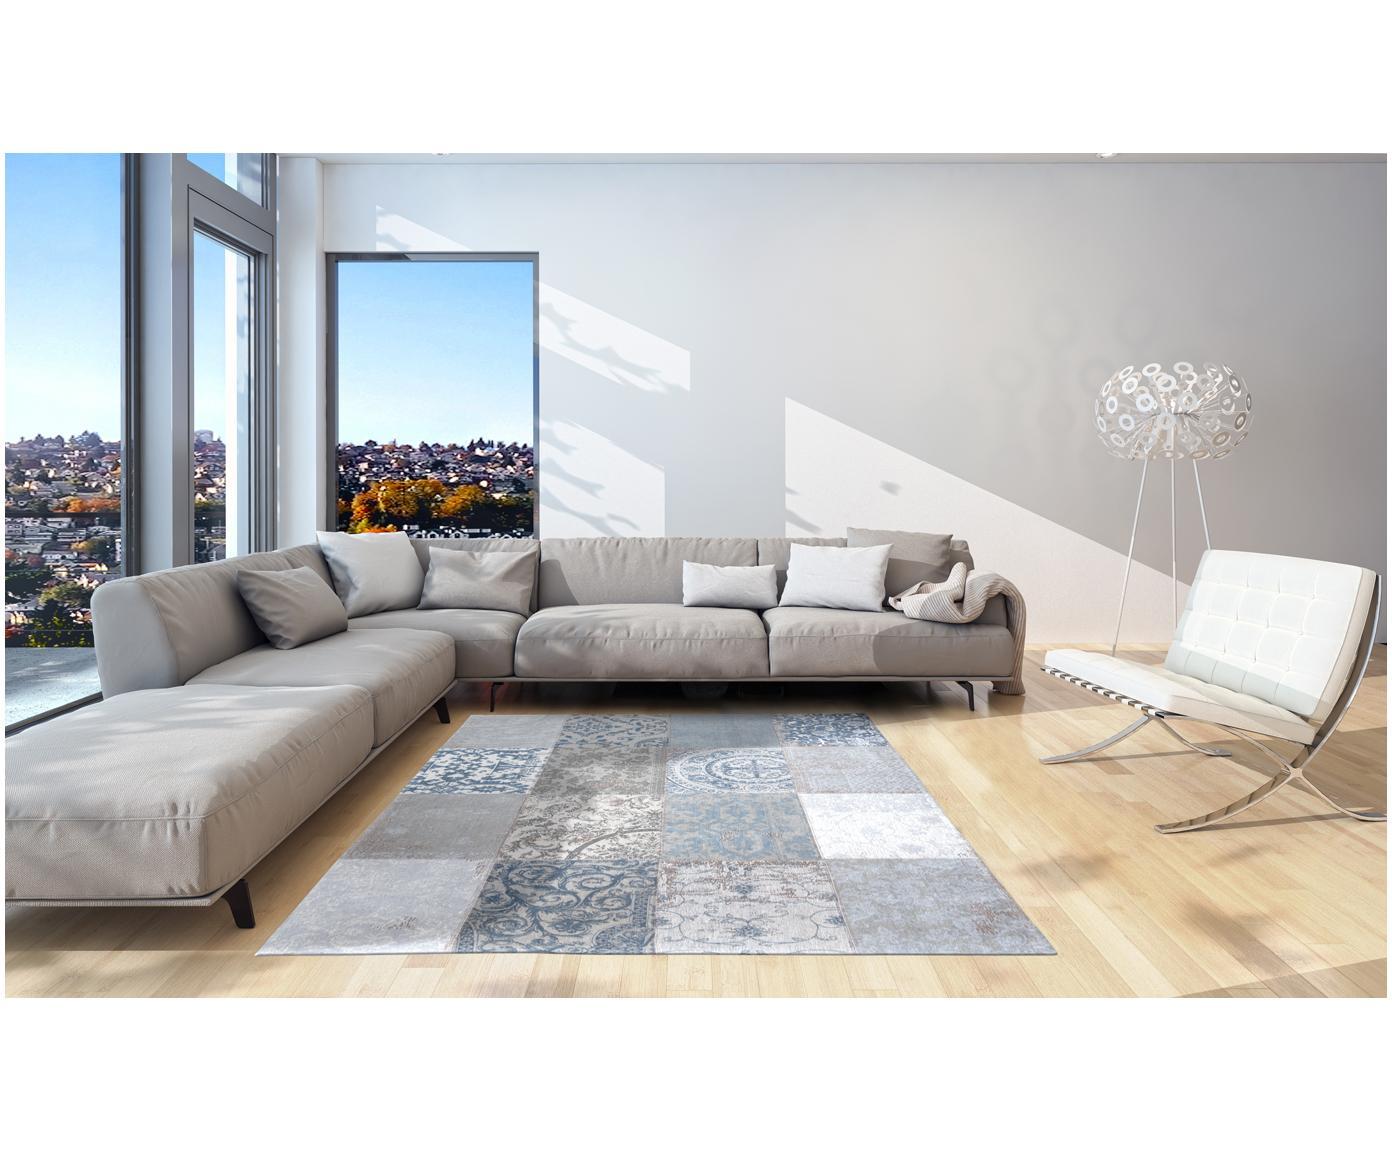 Chenille-Teppich Multi mit Patchwork-Design, Vorderseite: 85%Chenillegarn (Baumwol, Webart: Jacquard, Rückseite: Baumwollgemisch, latexbes, Blau, Grau, B 140 x L 200 cm (Größe S)